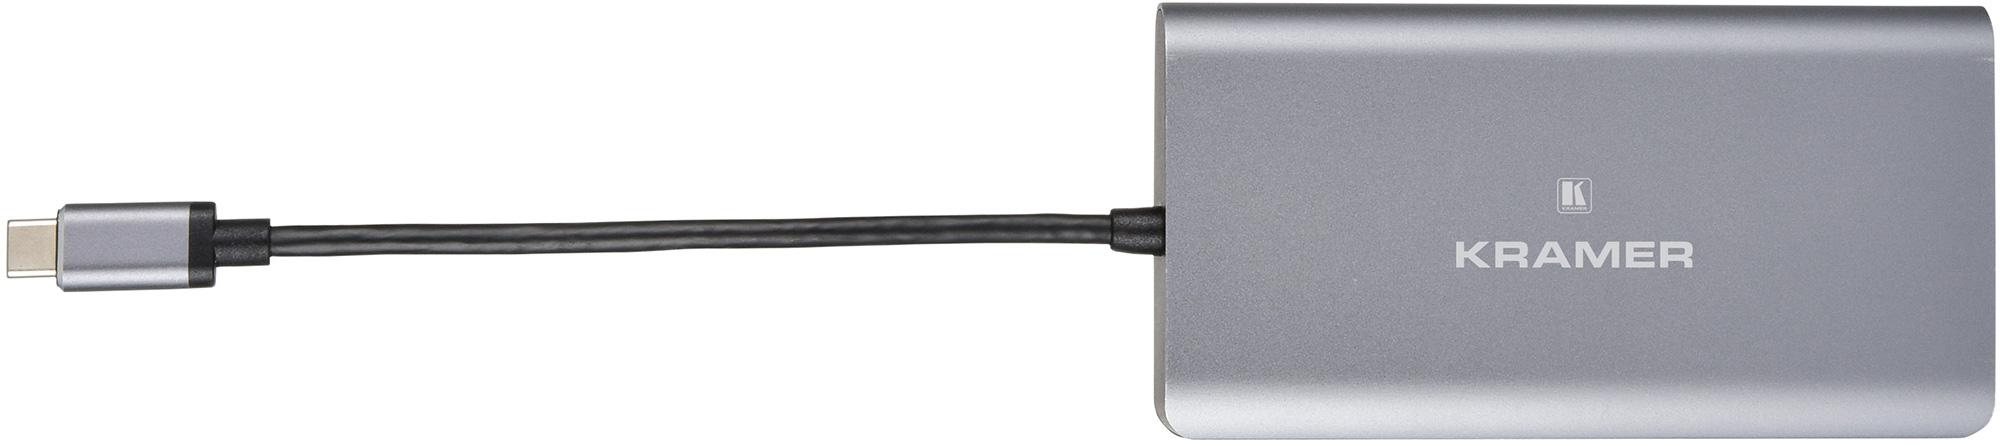 Kramer KDOCK-3 USB-C Hub Multiport Adapter - 4k@30 HDMI/DisplayPort Output - USB 3.0/-C Data & Charging - Ethernet KR-KDOCK-3